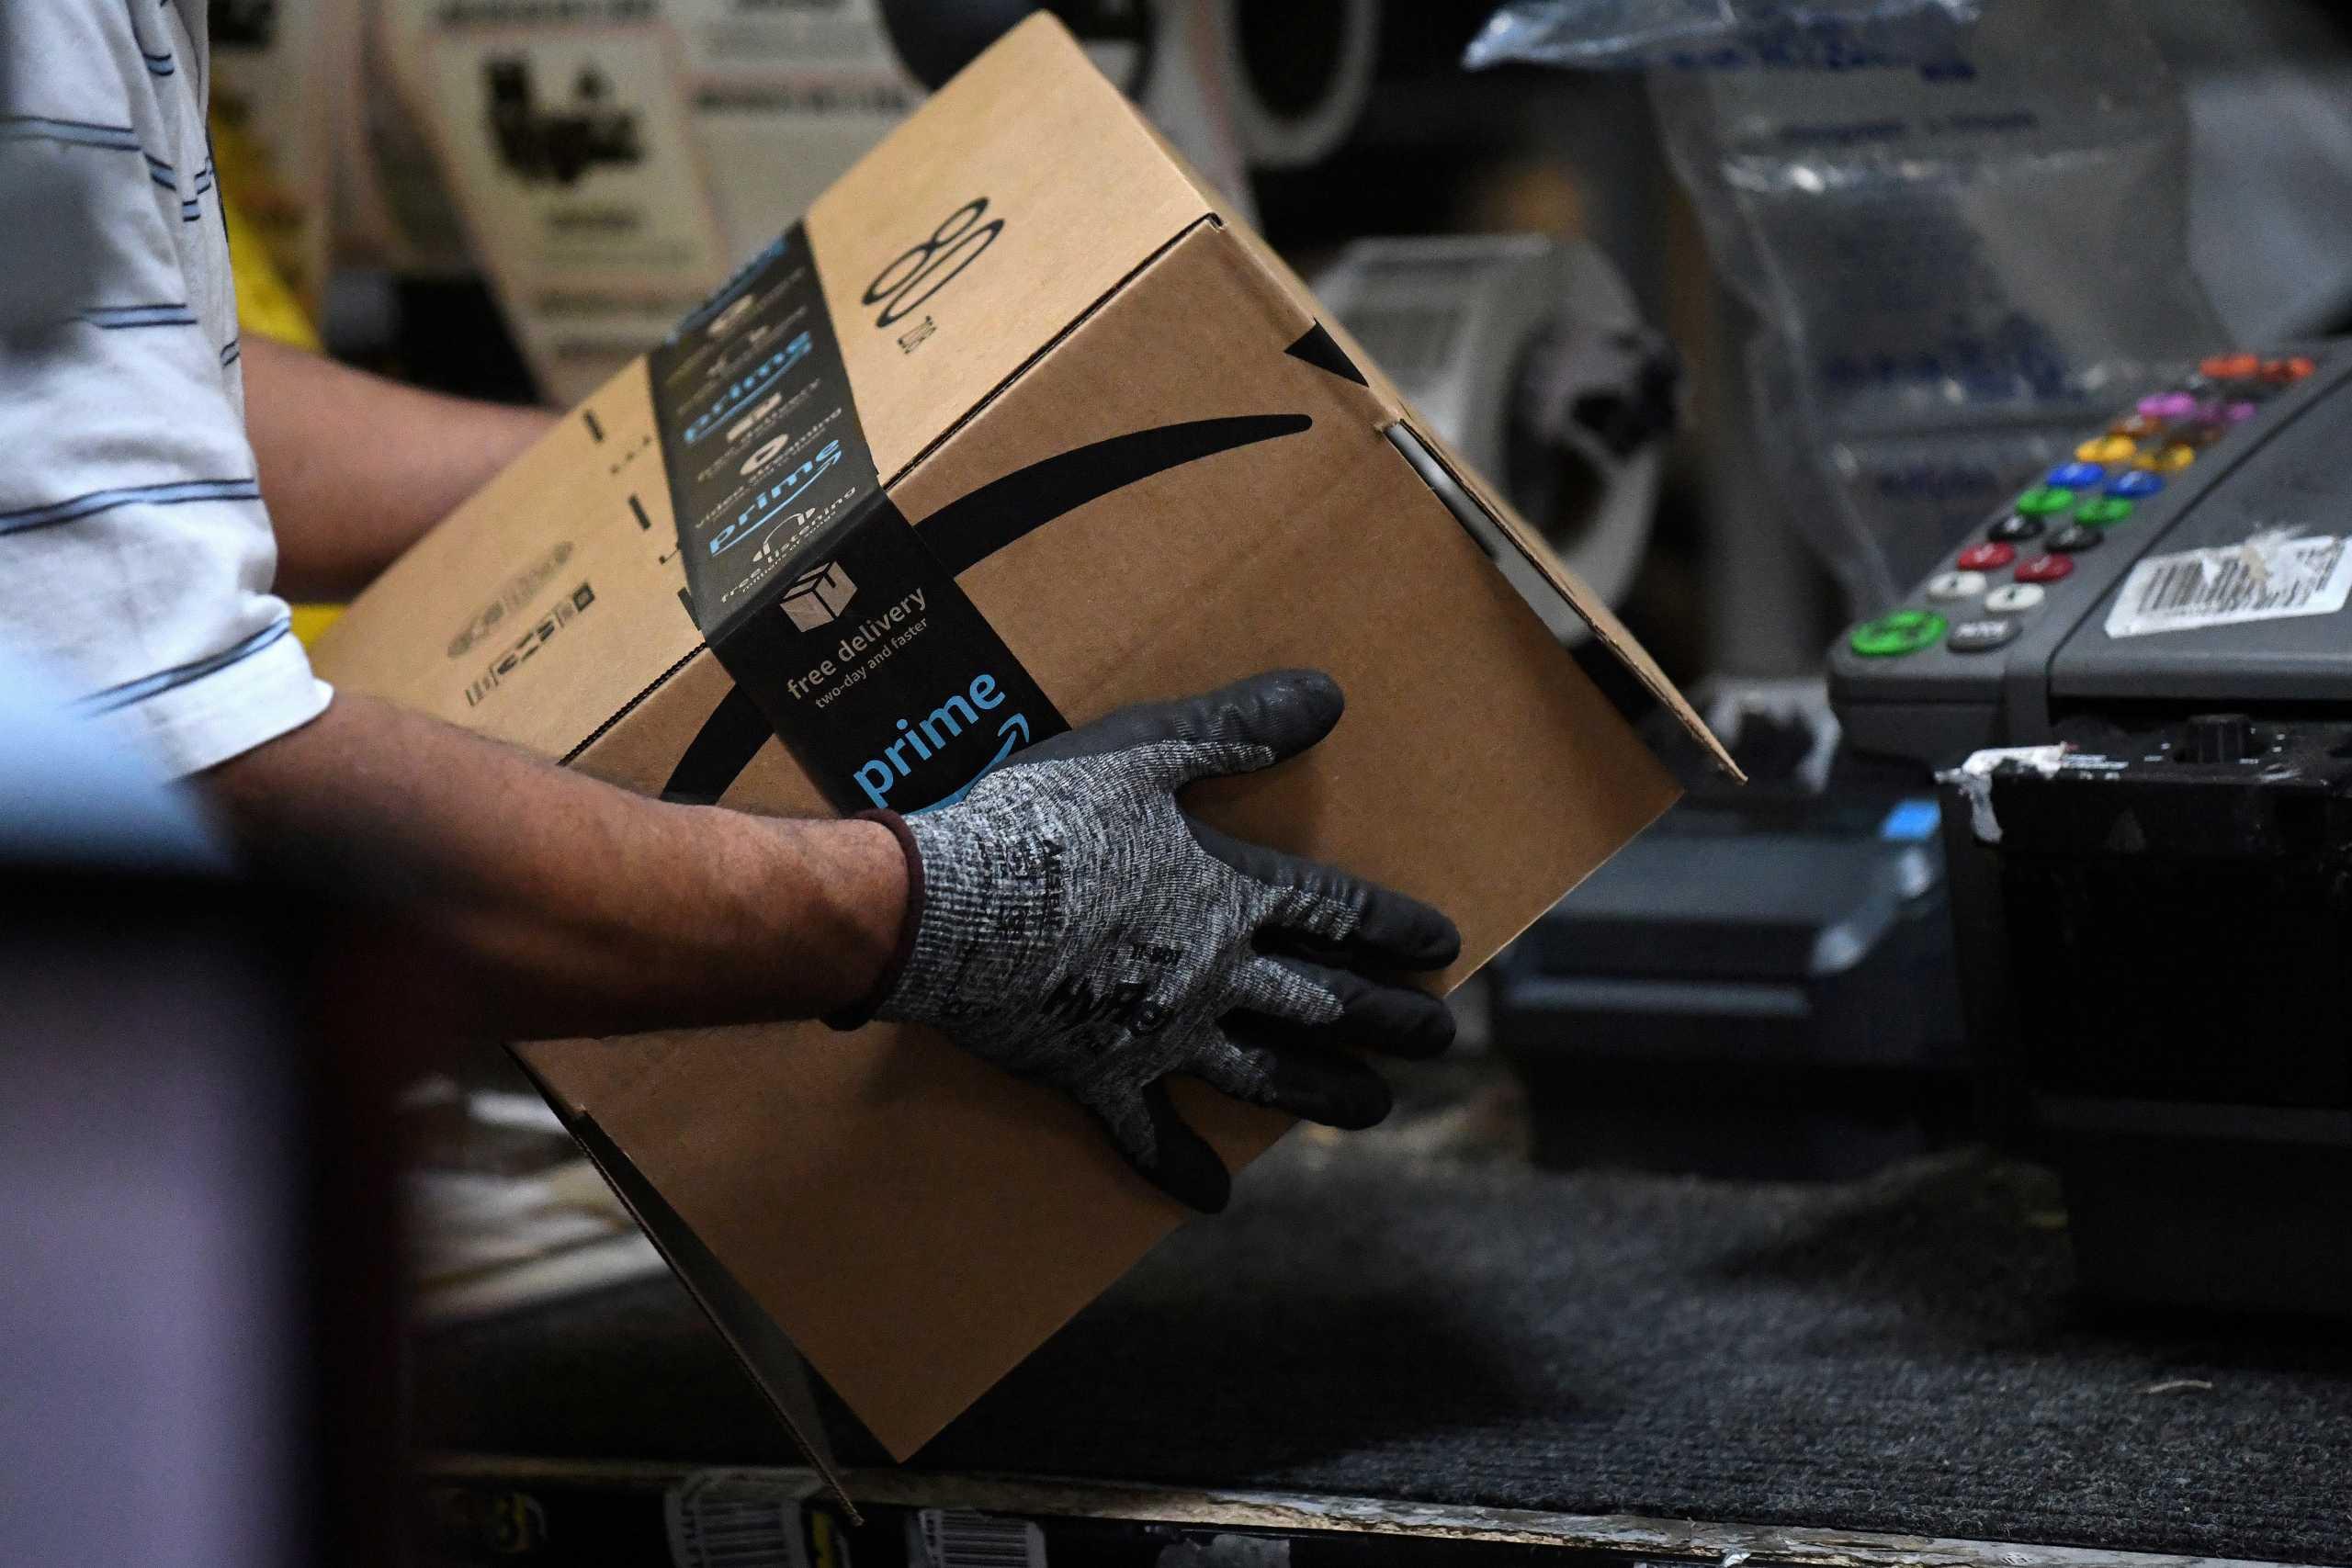 Κορονοϊός: Η Amazon κλείνει αποθήκες «φωλιά» ασυμπτωματικών στο Νιού Τζέρσεϊ